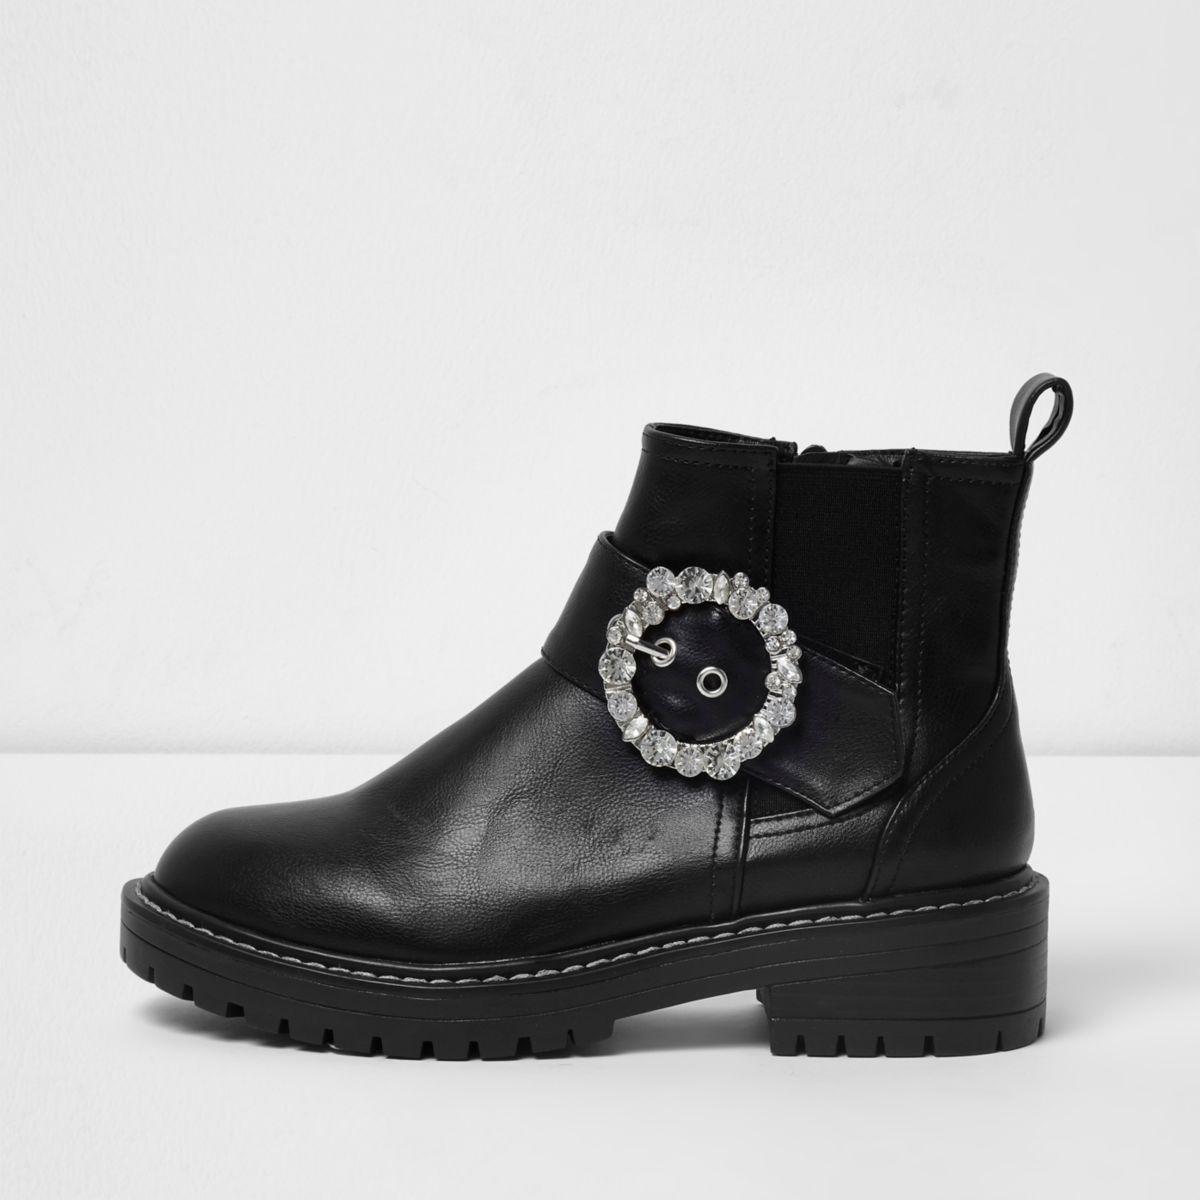 Zwarte grove laarzen met gesp met siersteentjes